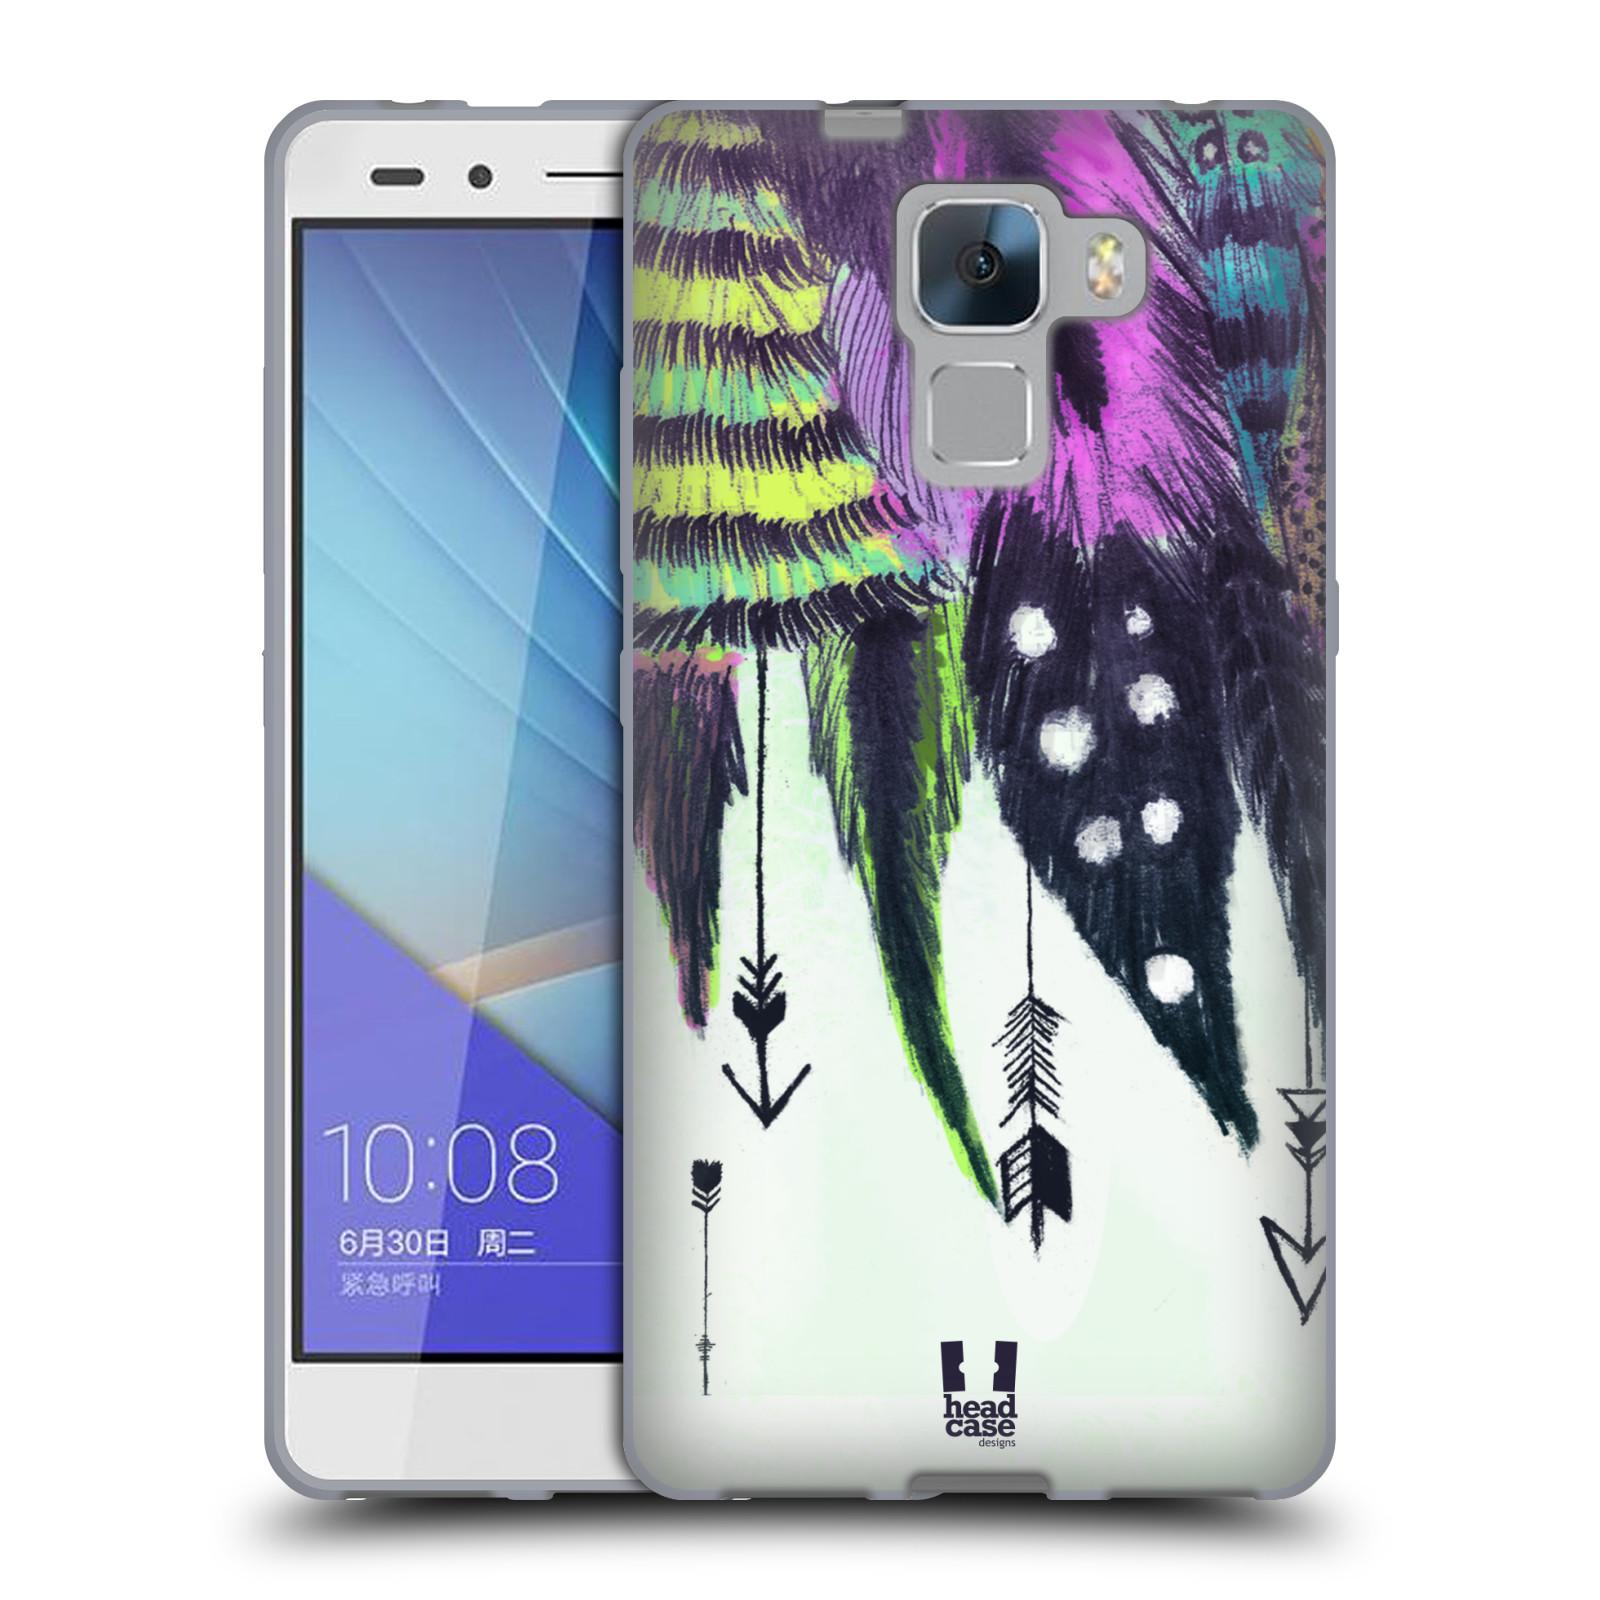 Silikonové pouzdro na mobil Honor 7 HEAD CASE PÍRKA ROMANTIC